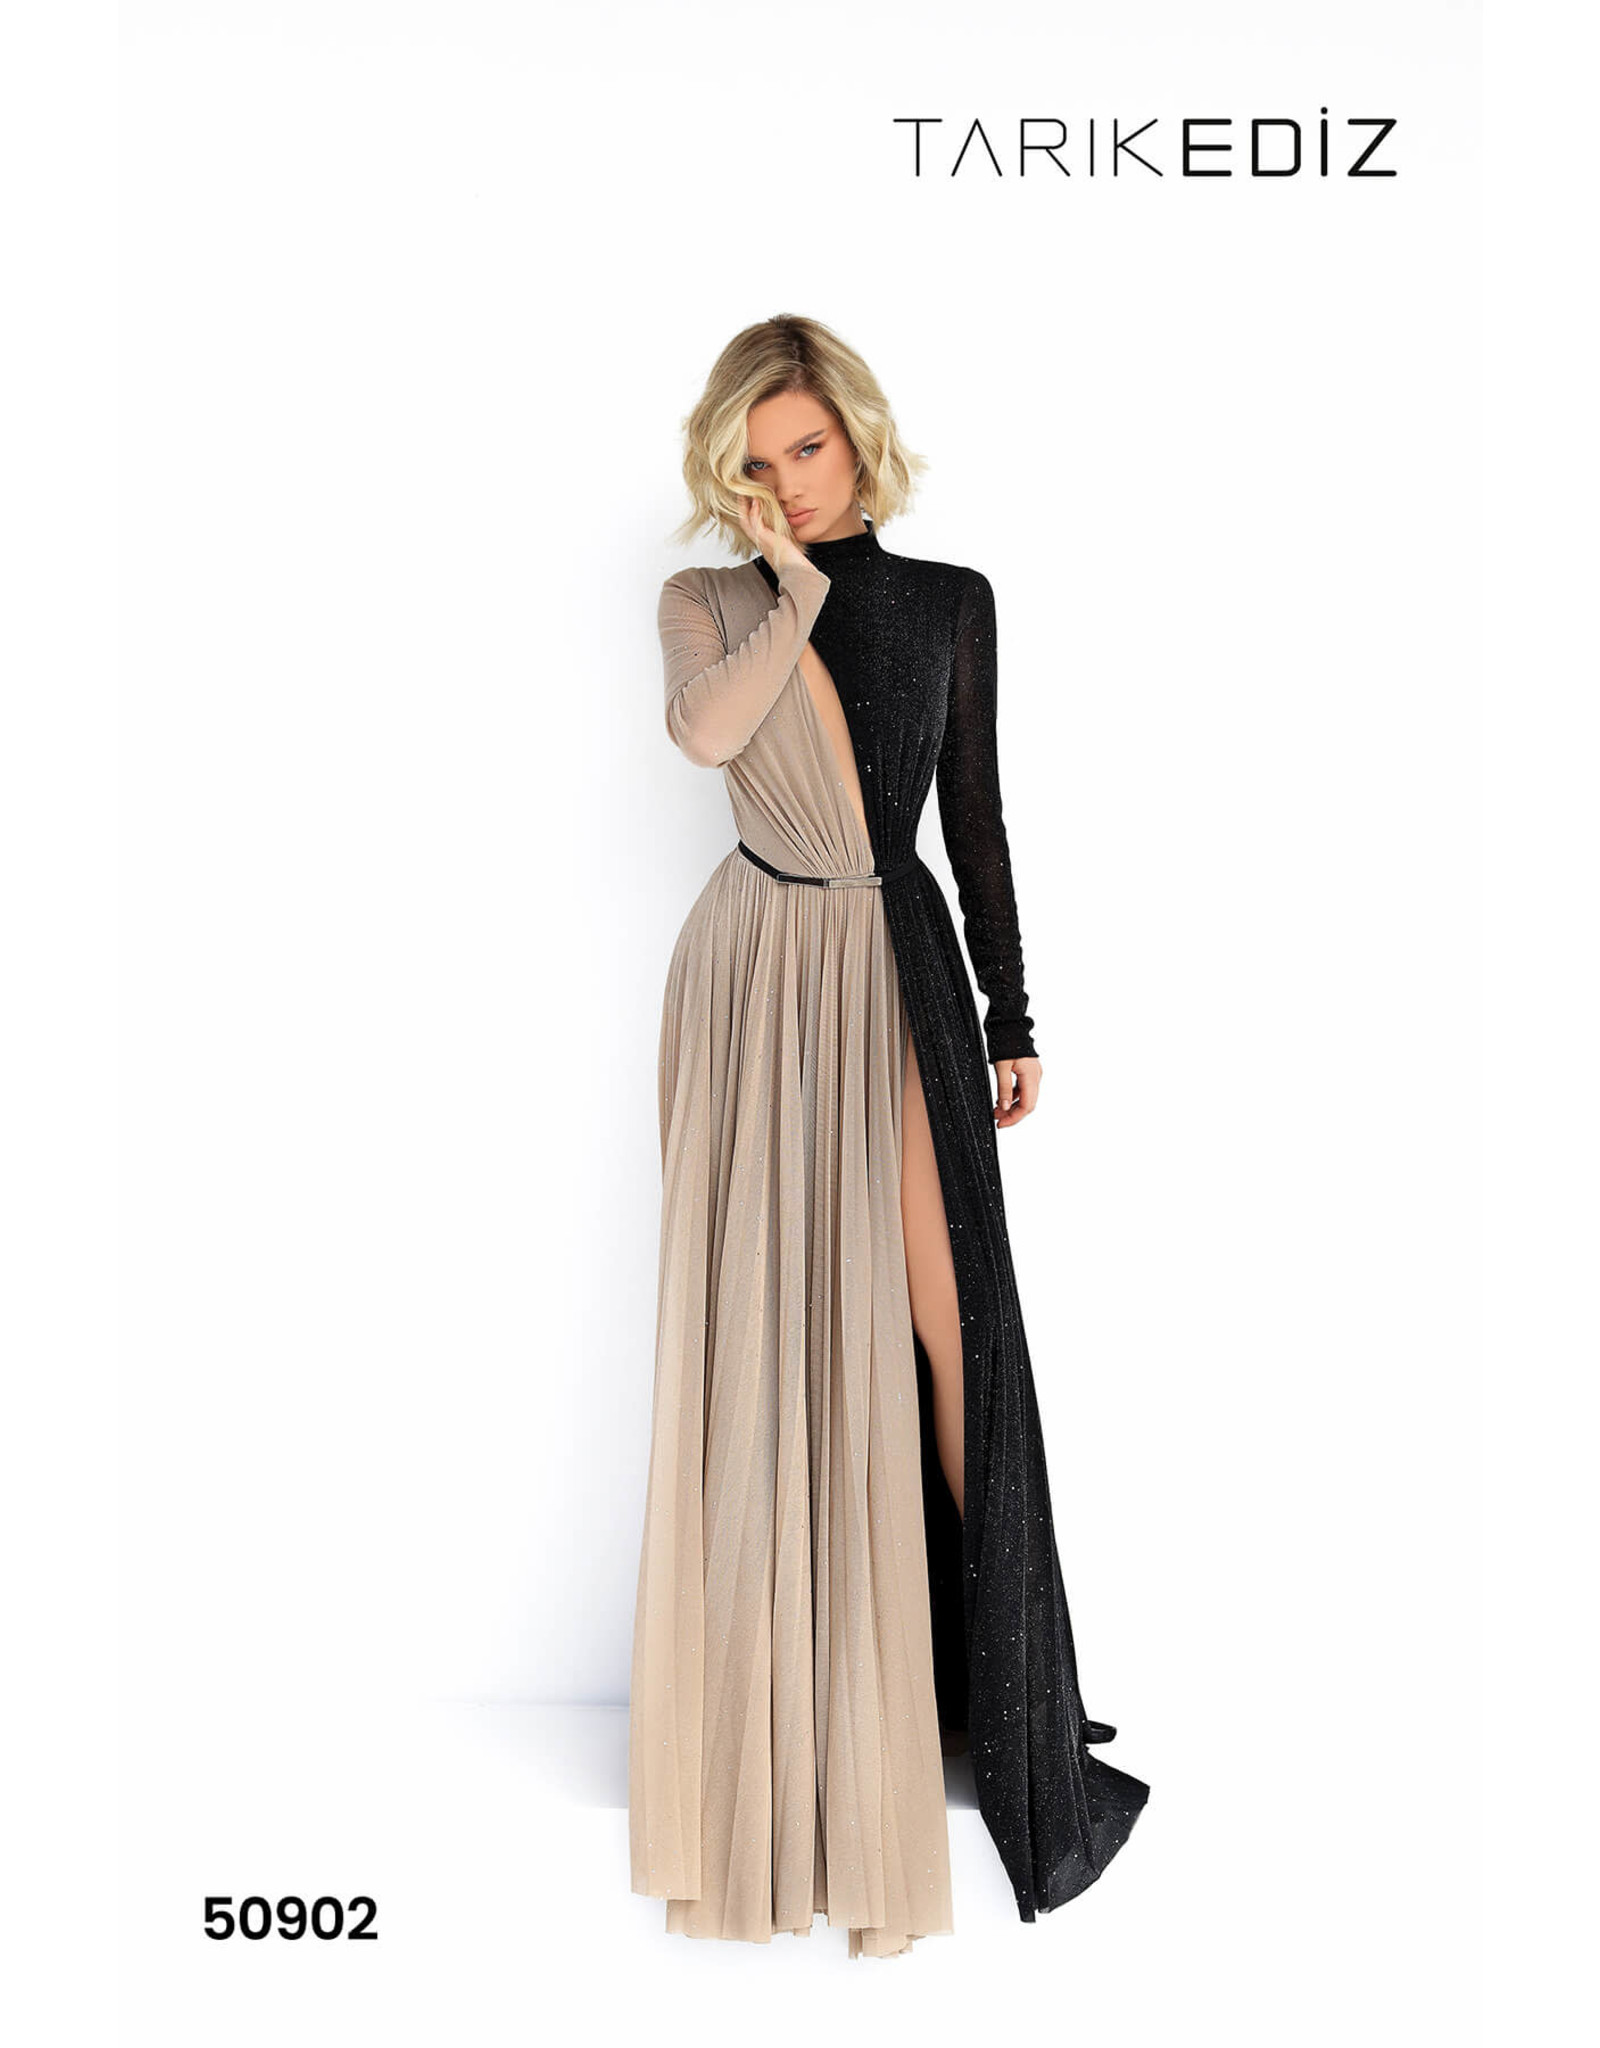 Tarik Ediz 50902 Tarik Ediz Dresses